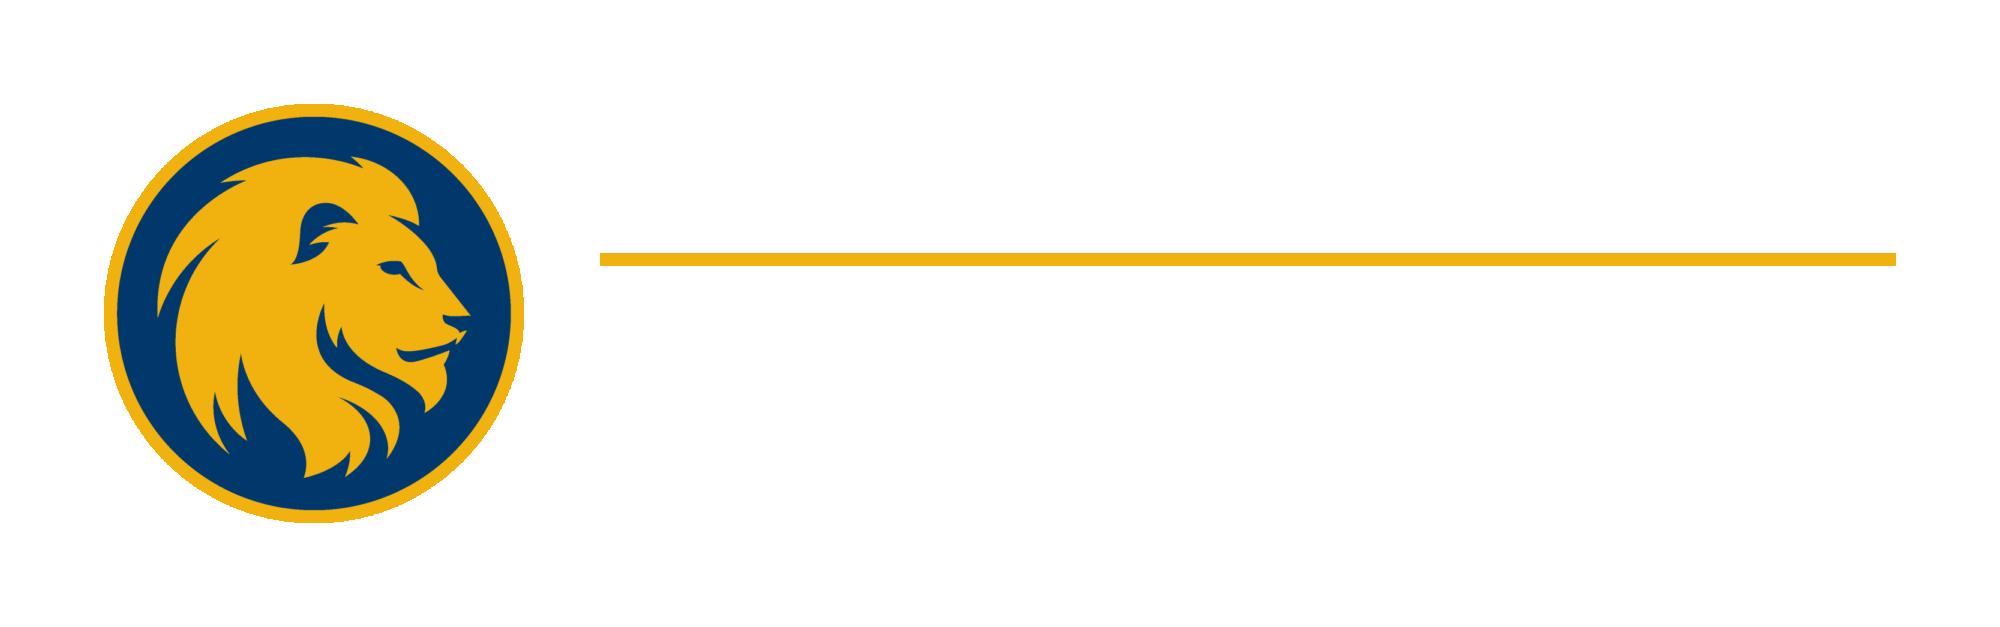 Texas A&M University-Commerce logo.